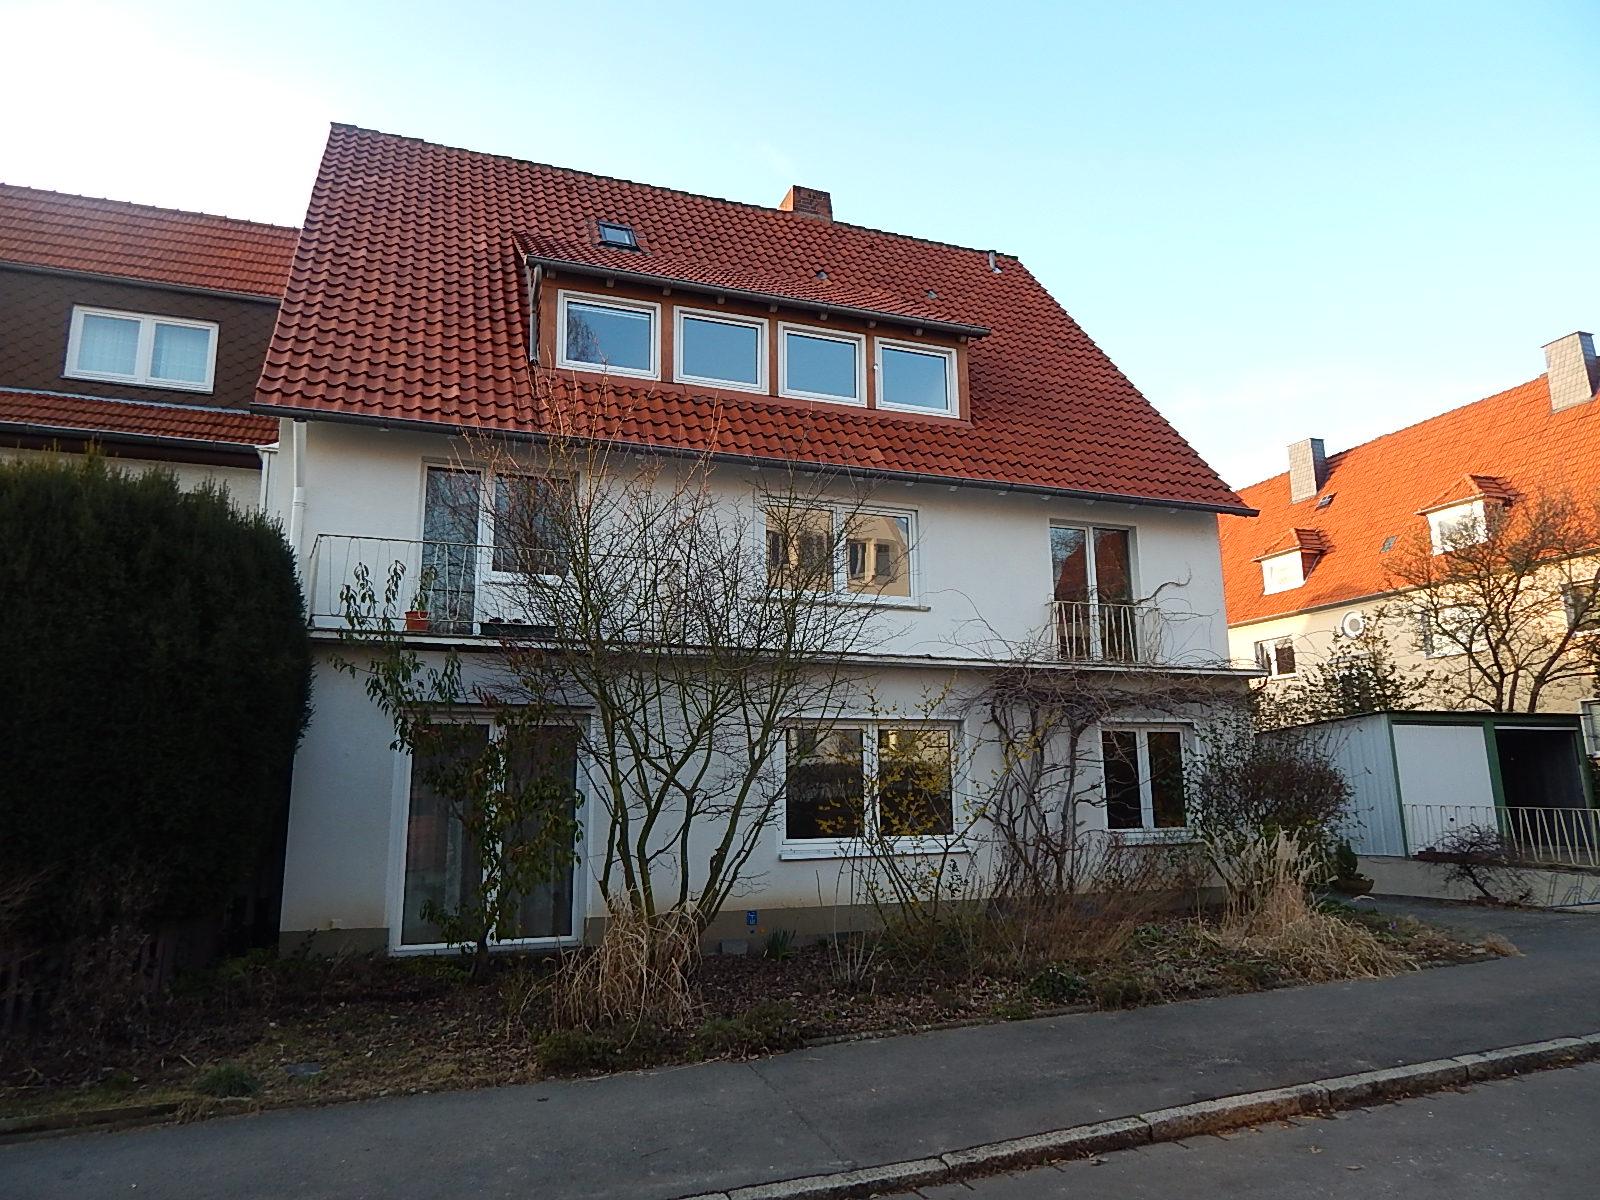 Wohnen im Göttinger Ostviertel! Drei Familienhaus in bester Lage!